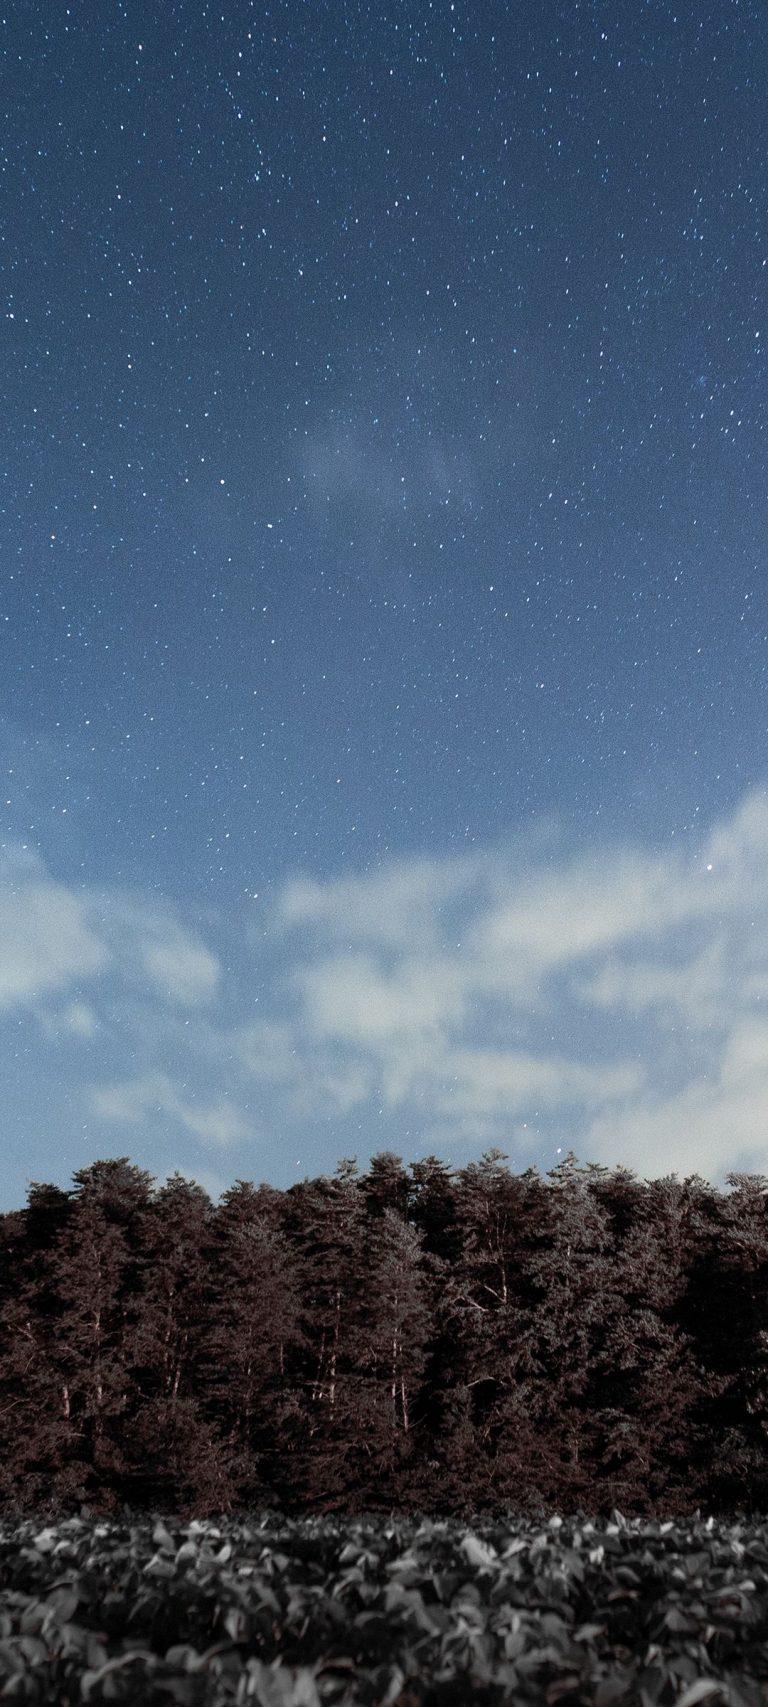 Trees Sky Stars Clouds 1080x2400 768x1707